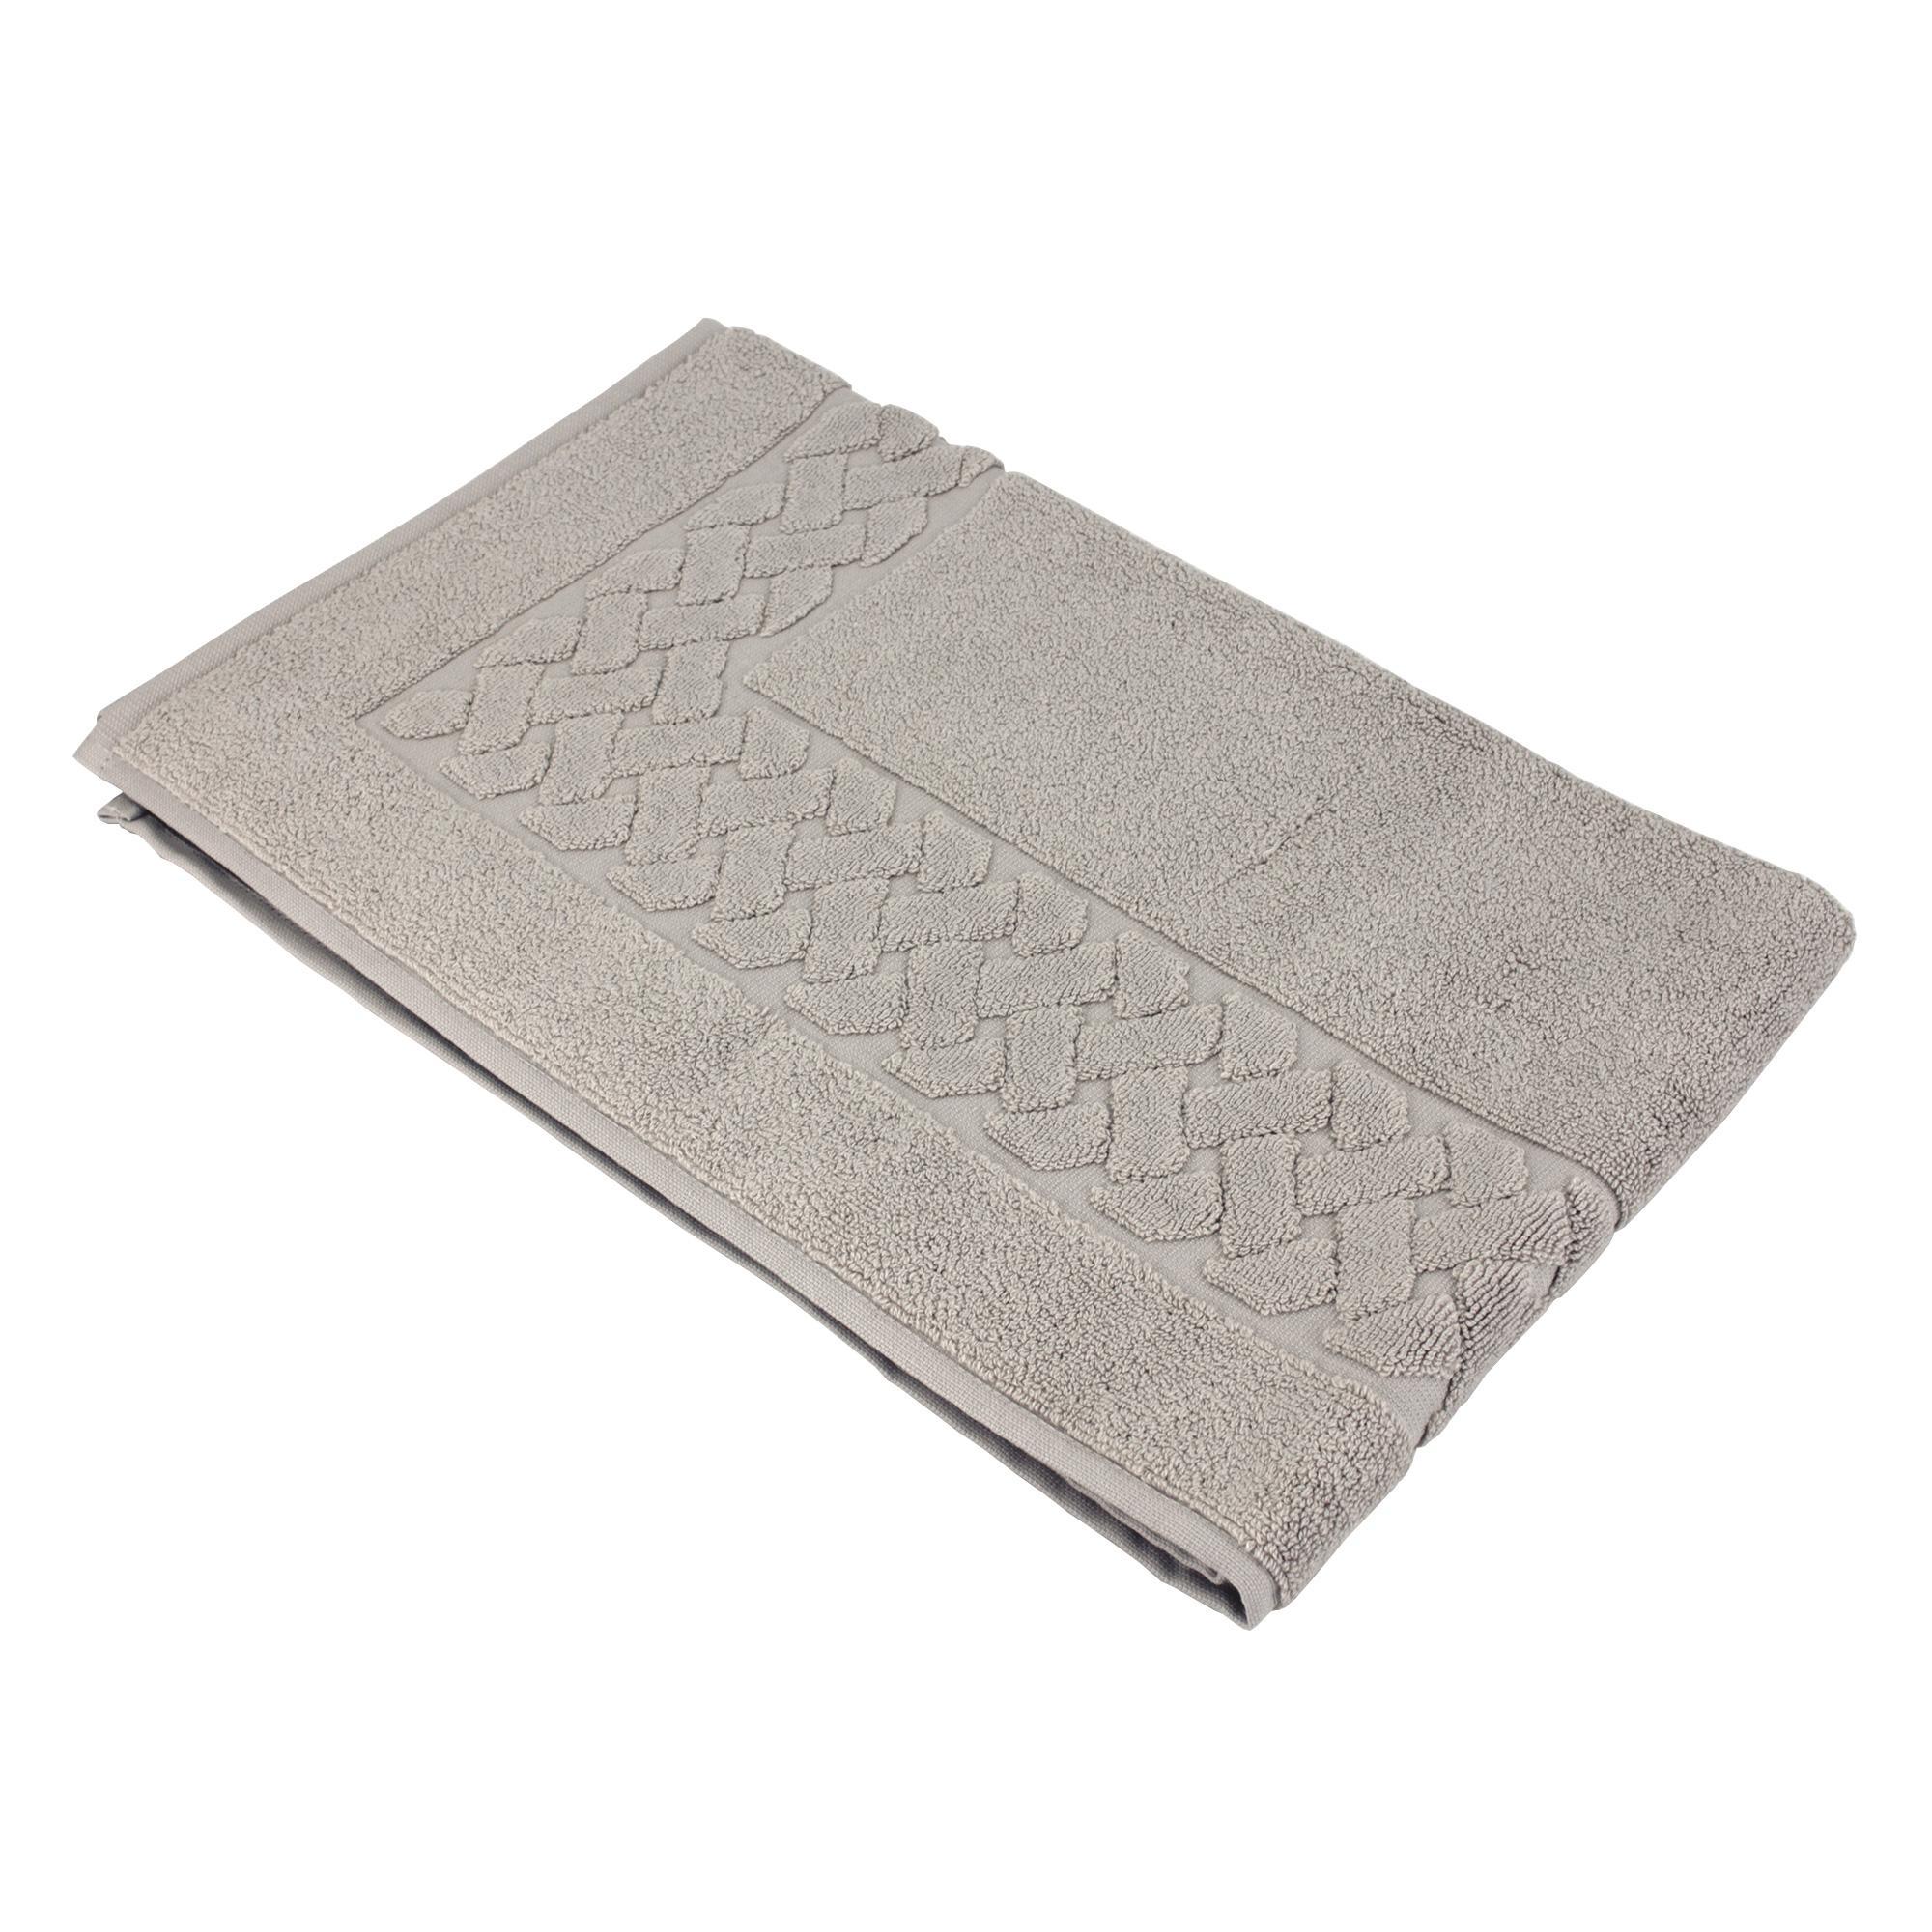 tapis de bain 50x80 royal cresent gris souris 850g m2 ebay. Black Bedroom Furniture Sets. Home Design Ideas